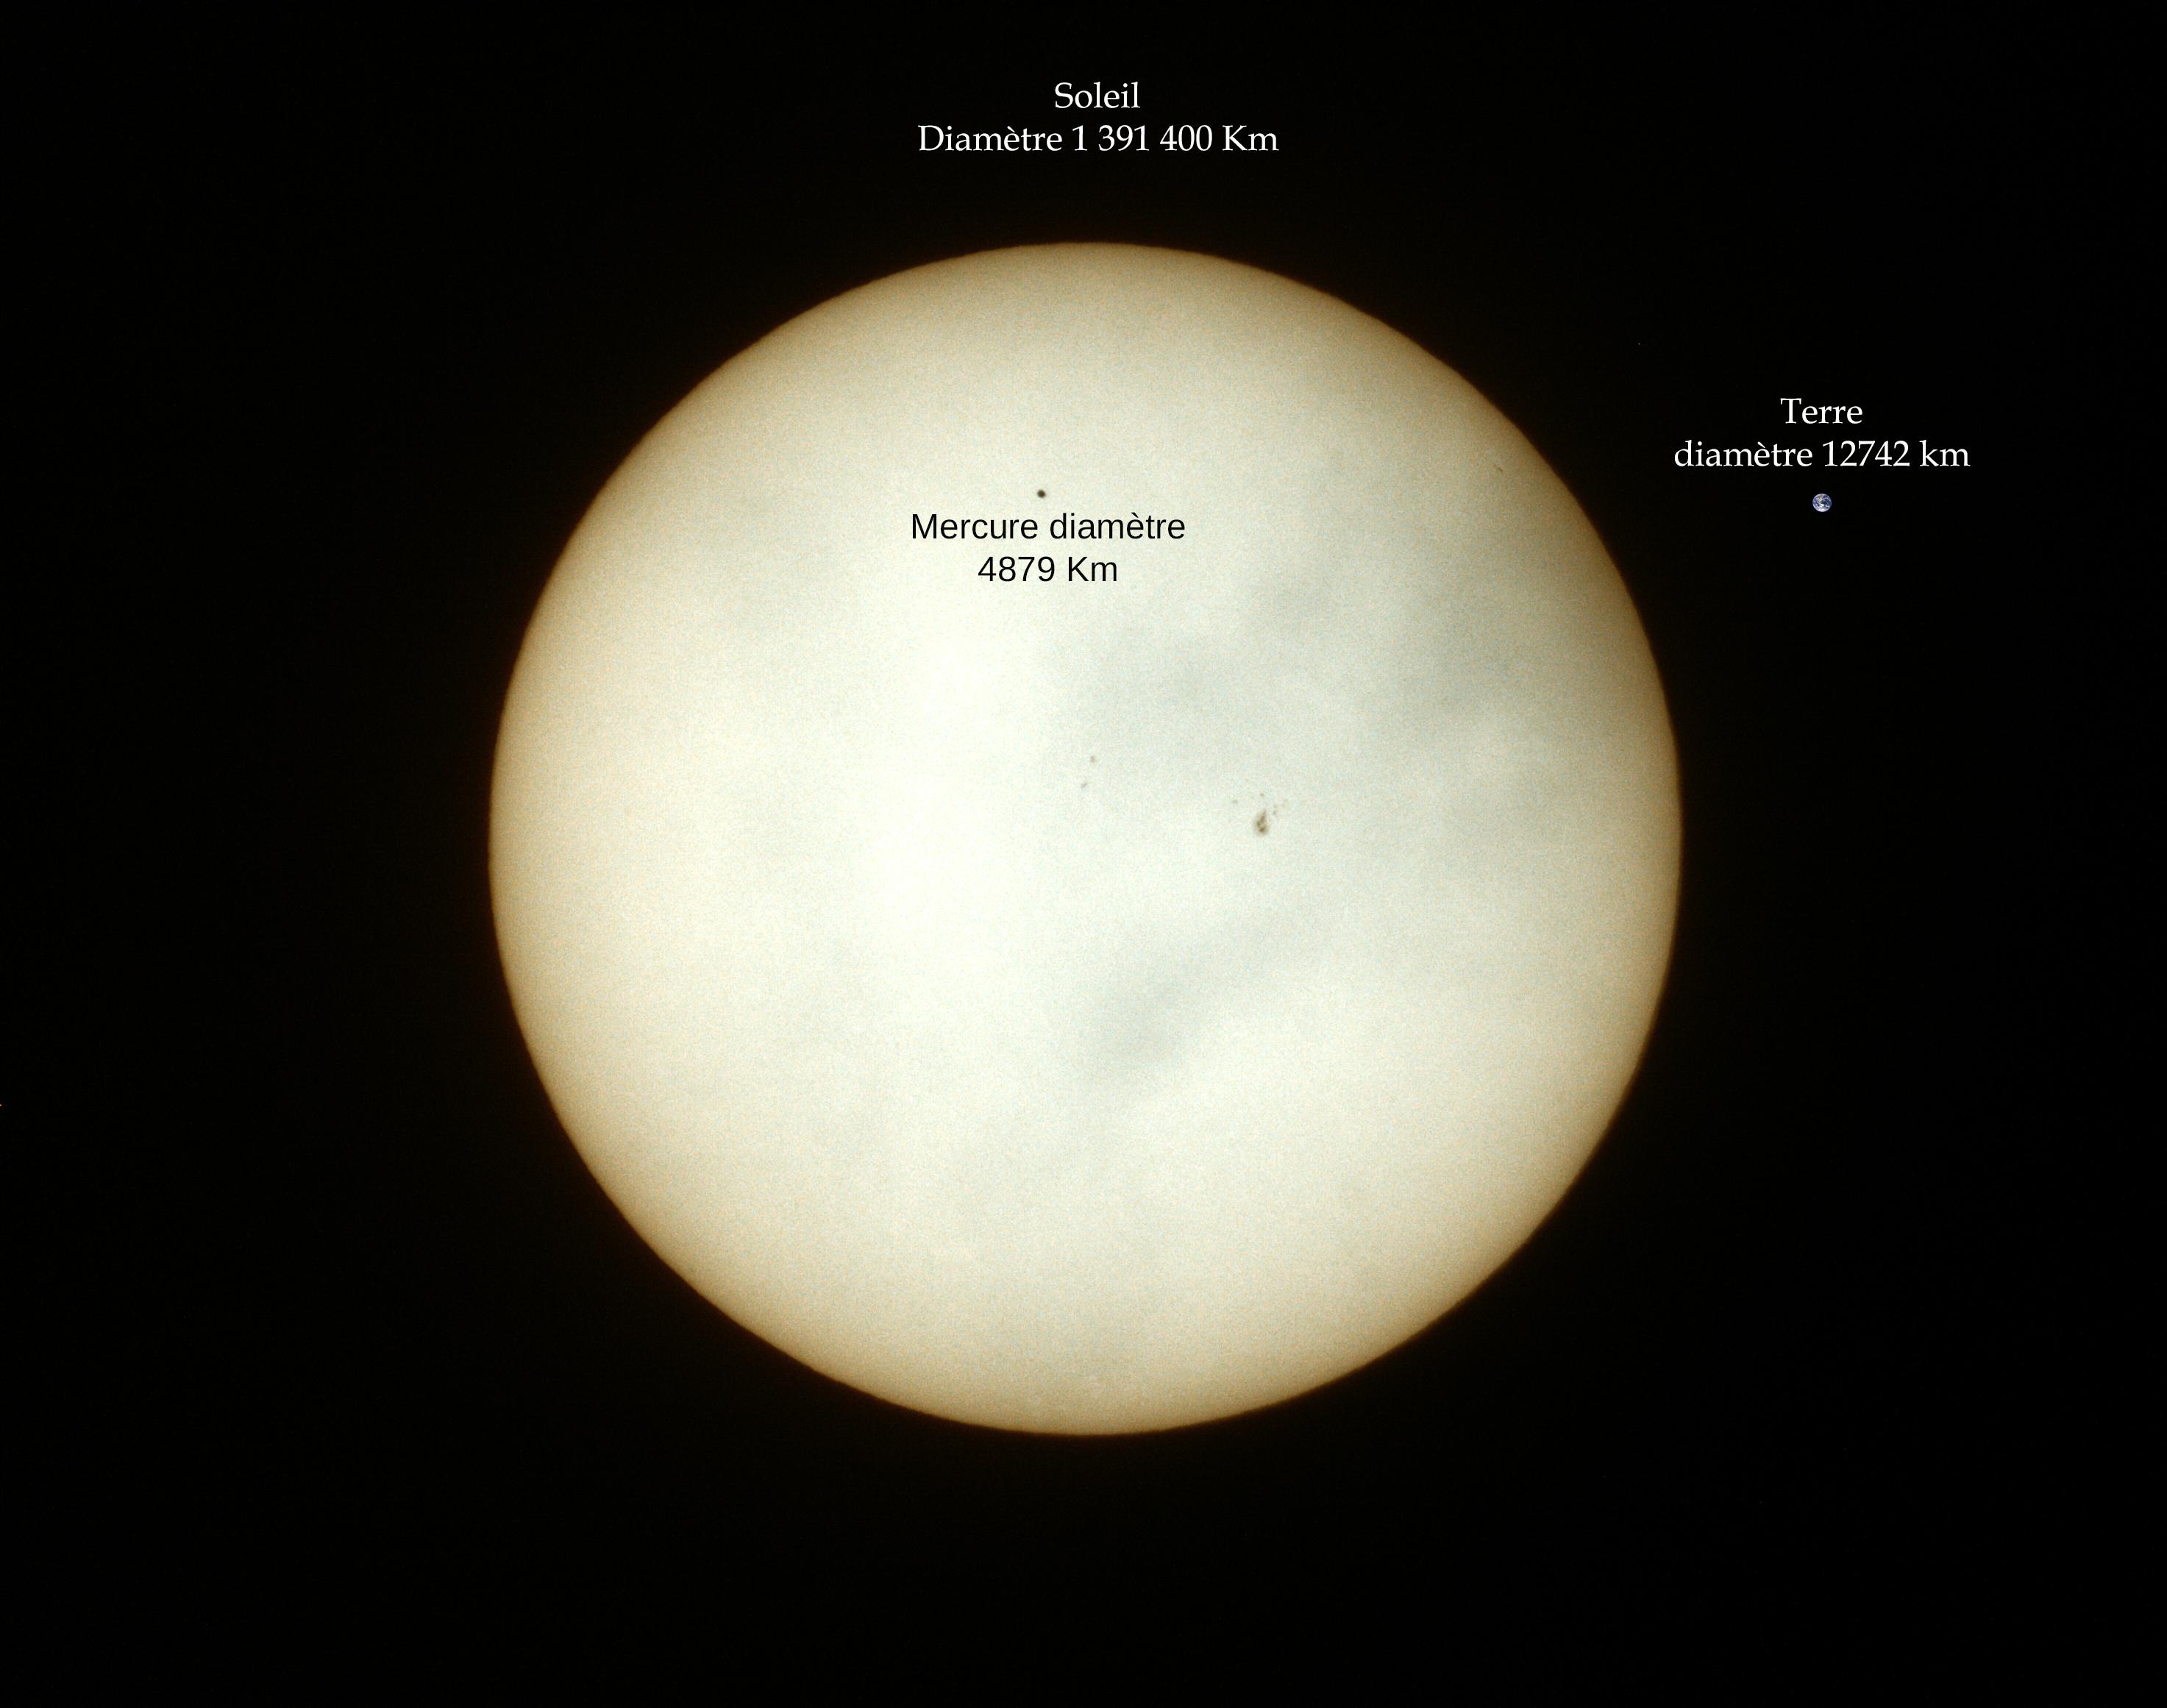 Le soleil - Mercure - La Terre